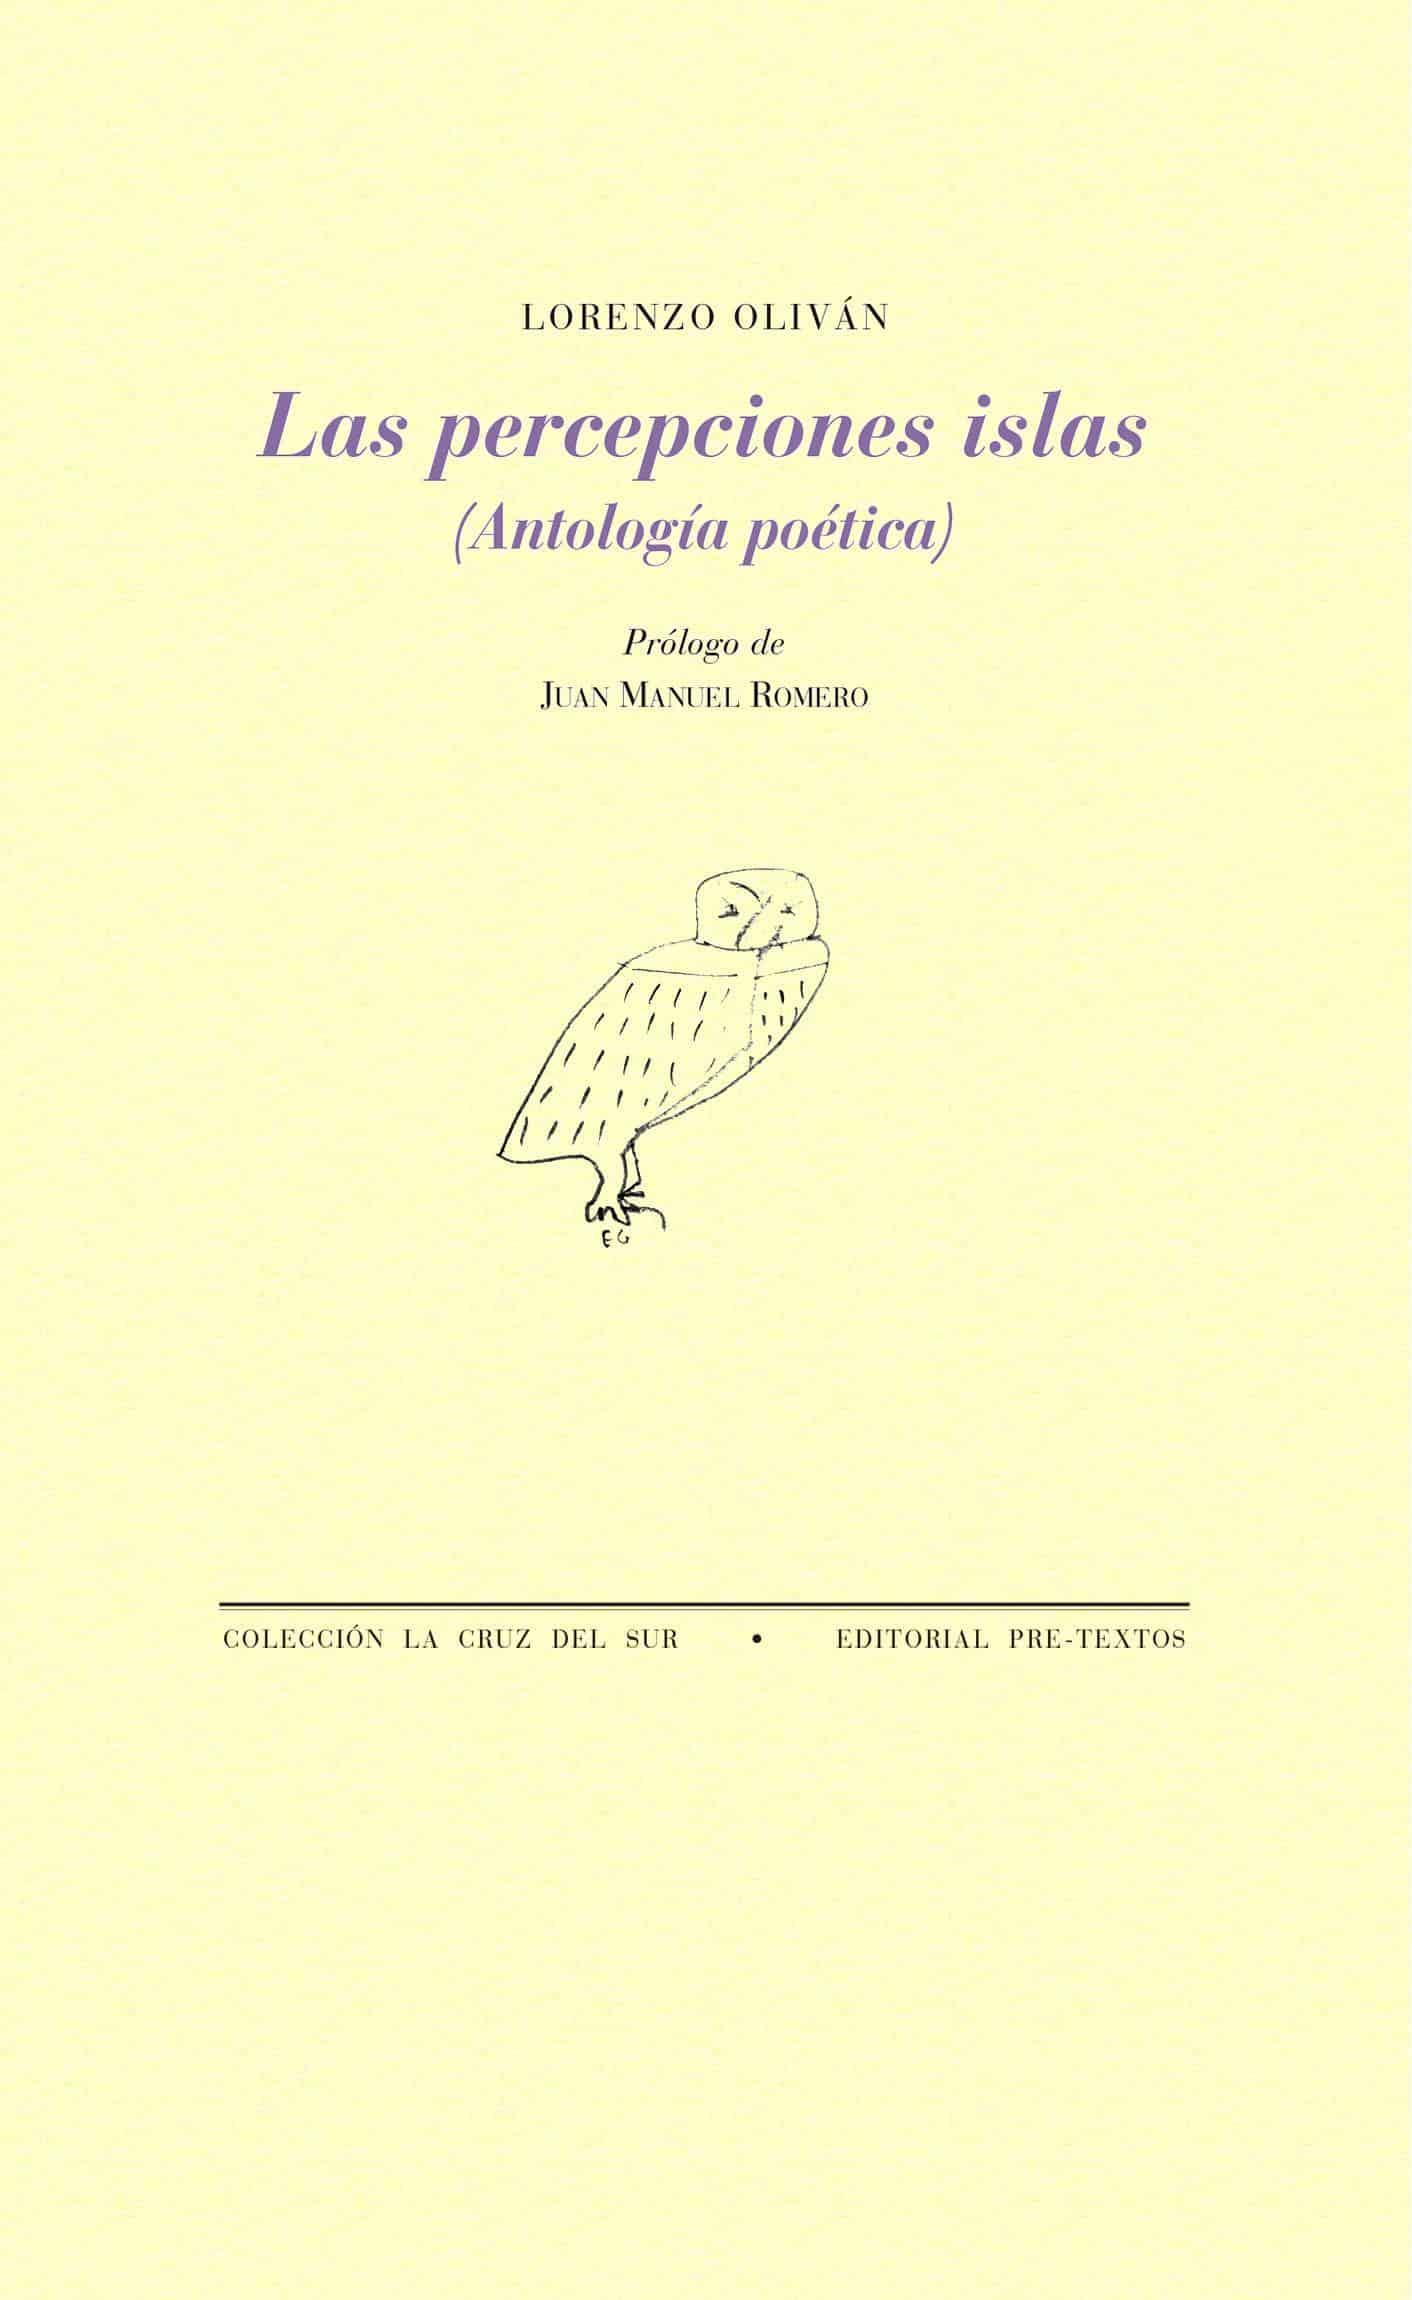 Lorenzo Oliván, Las percepciones islas